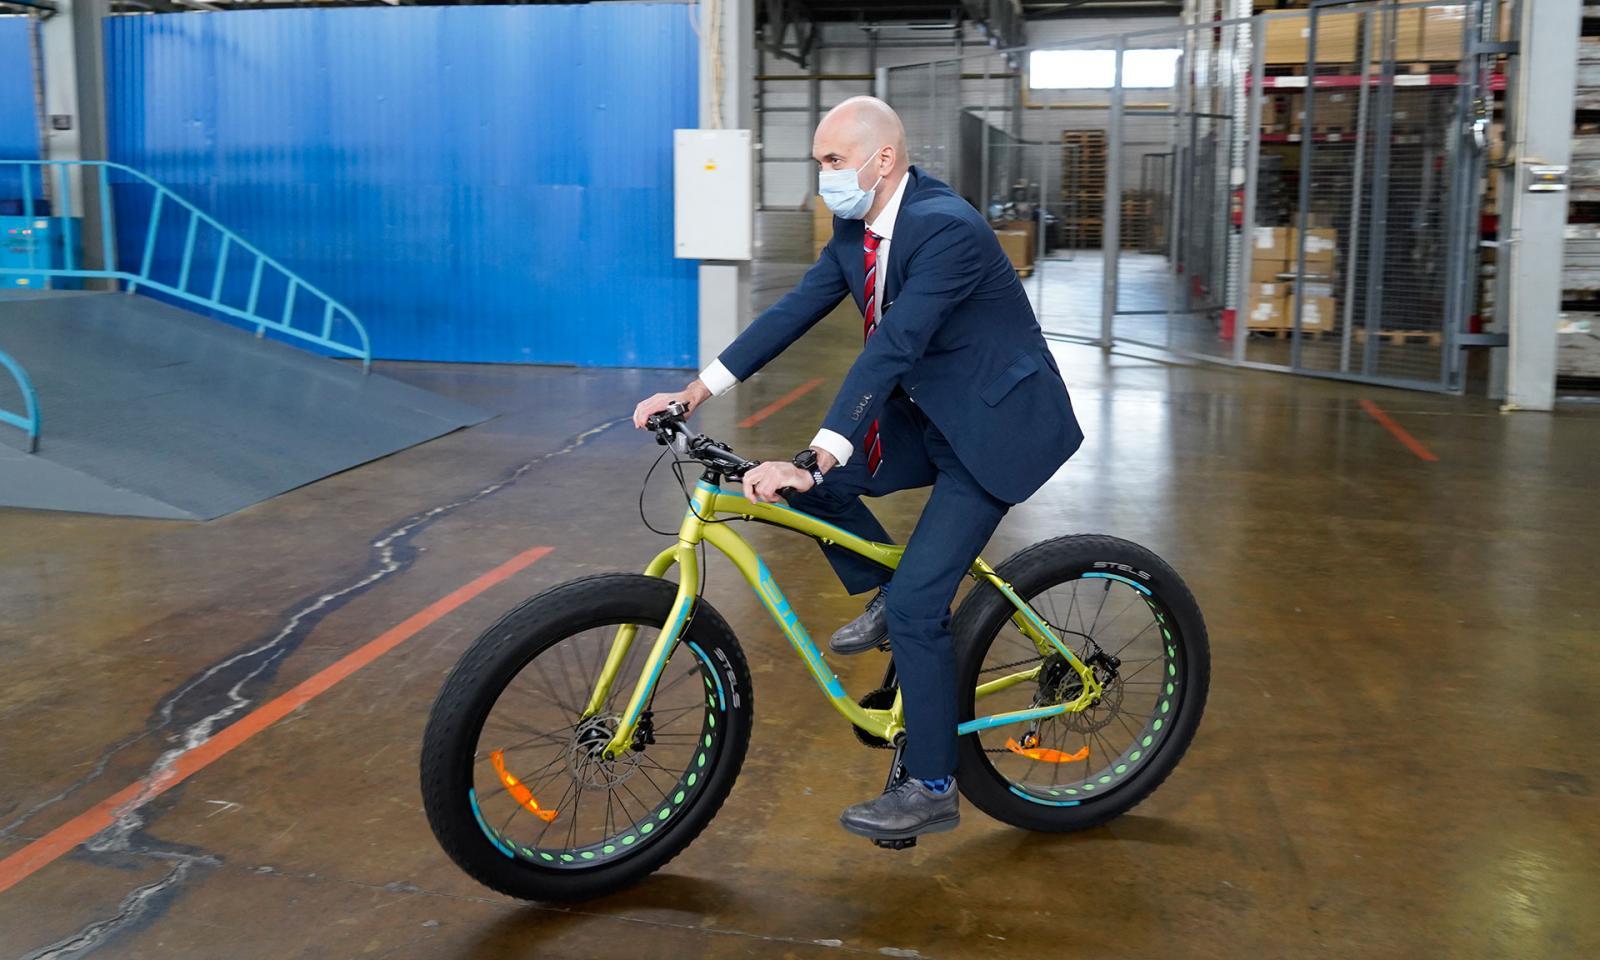 Замминистра спорта Кадыров прокатился на велосипеде Жуковского веломотозавода